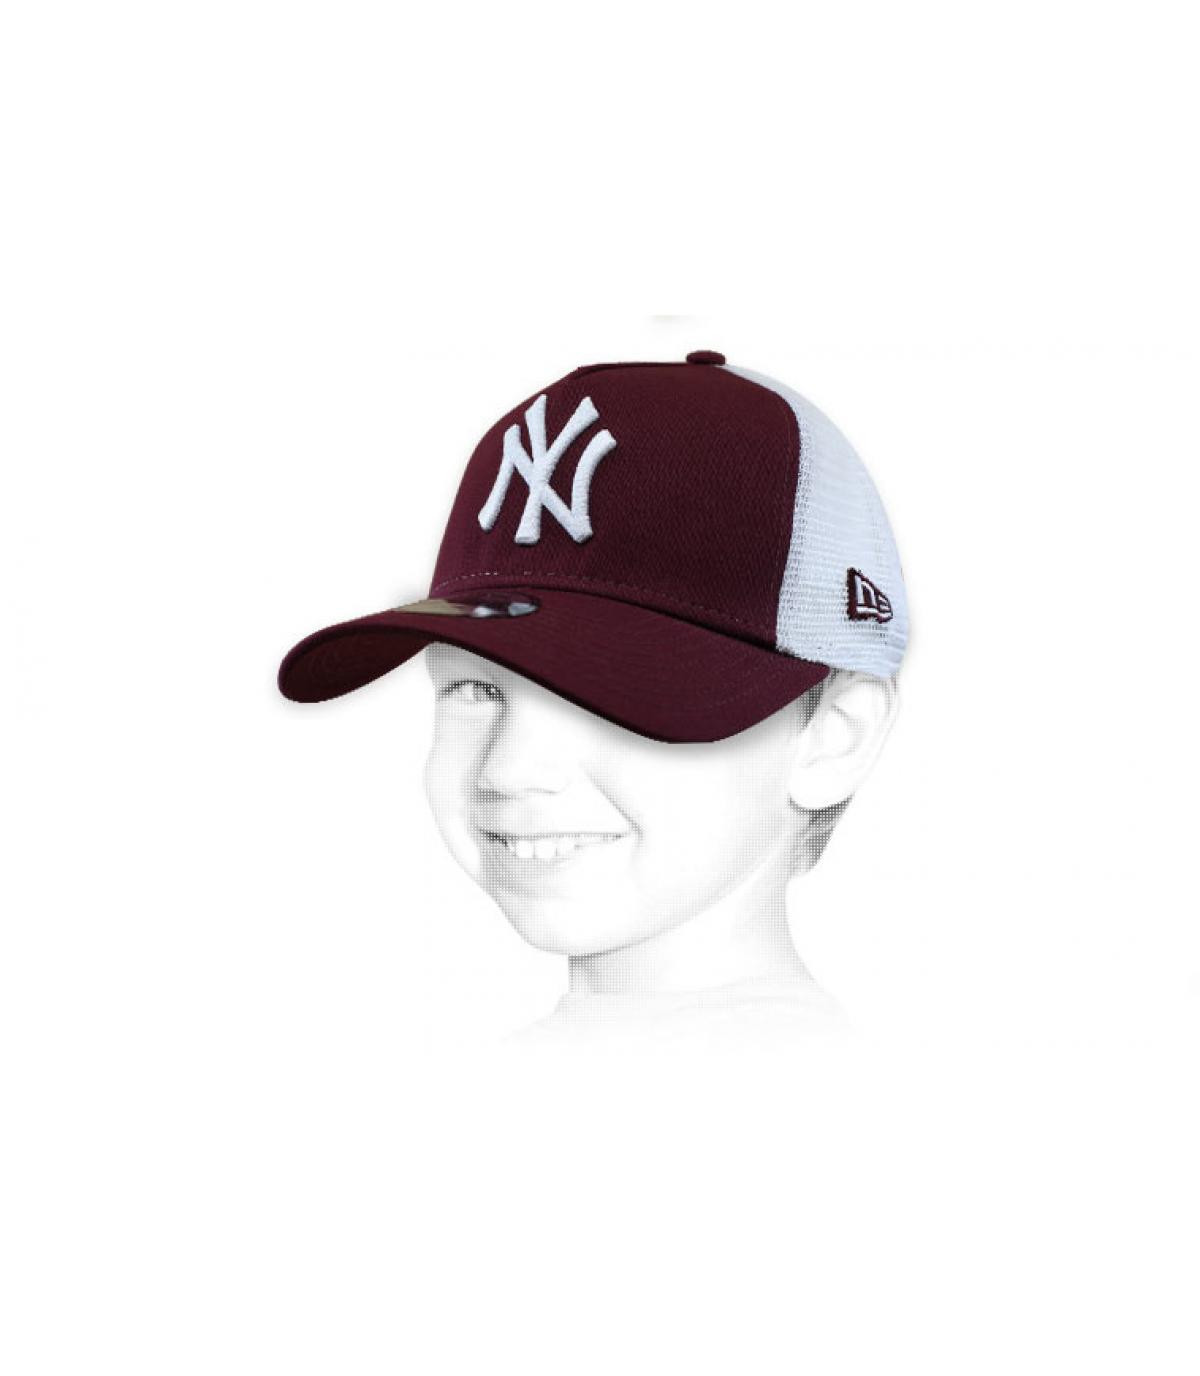 trucker enfant NY bordeaux